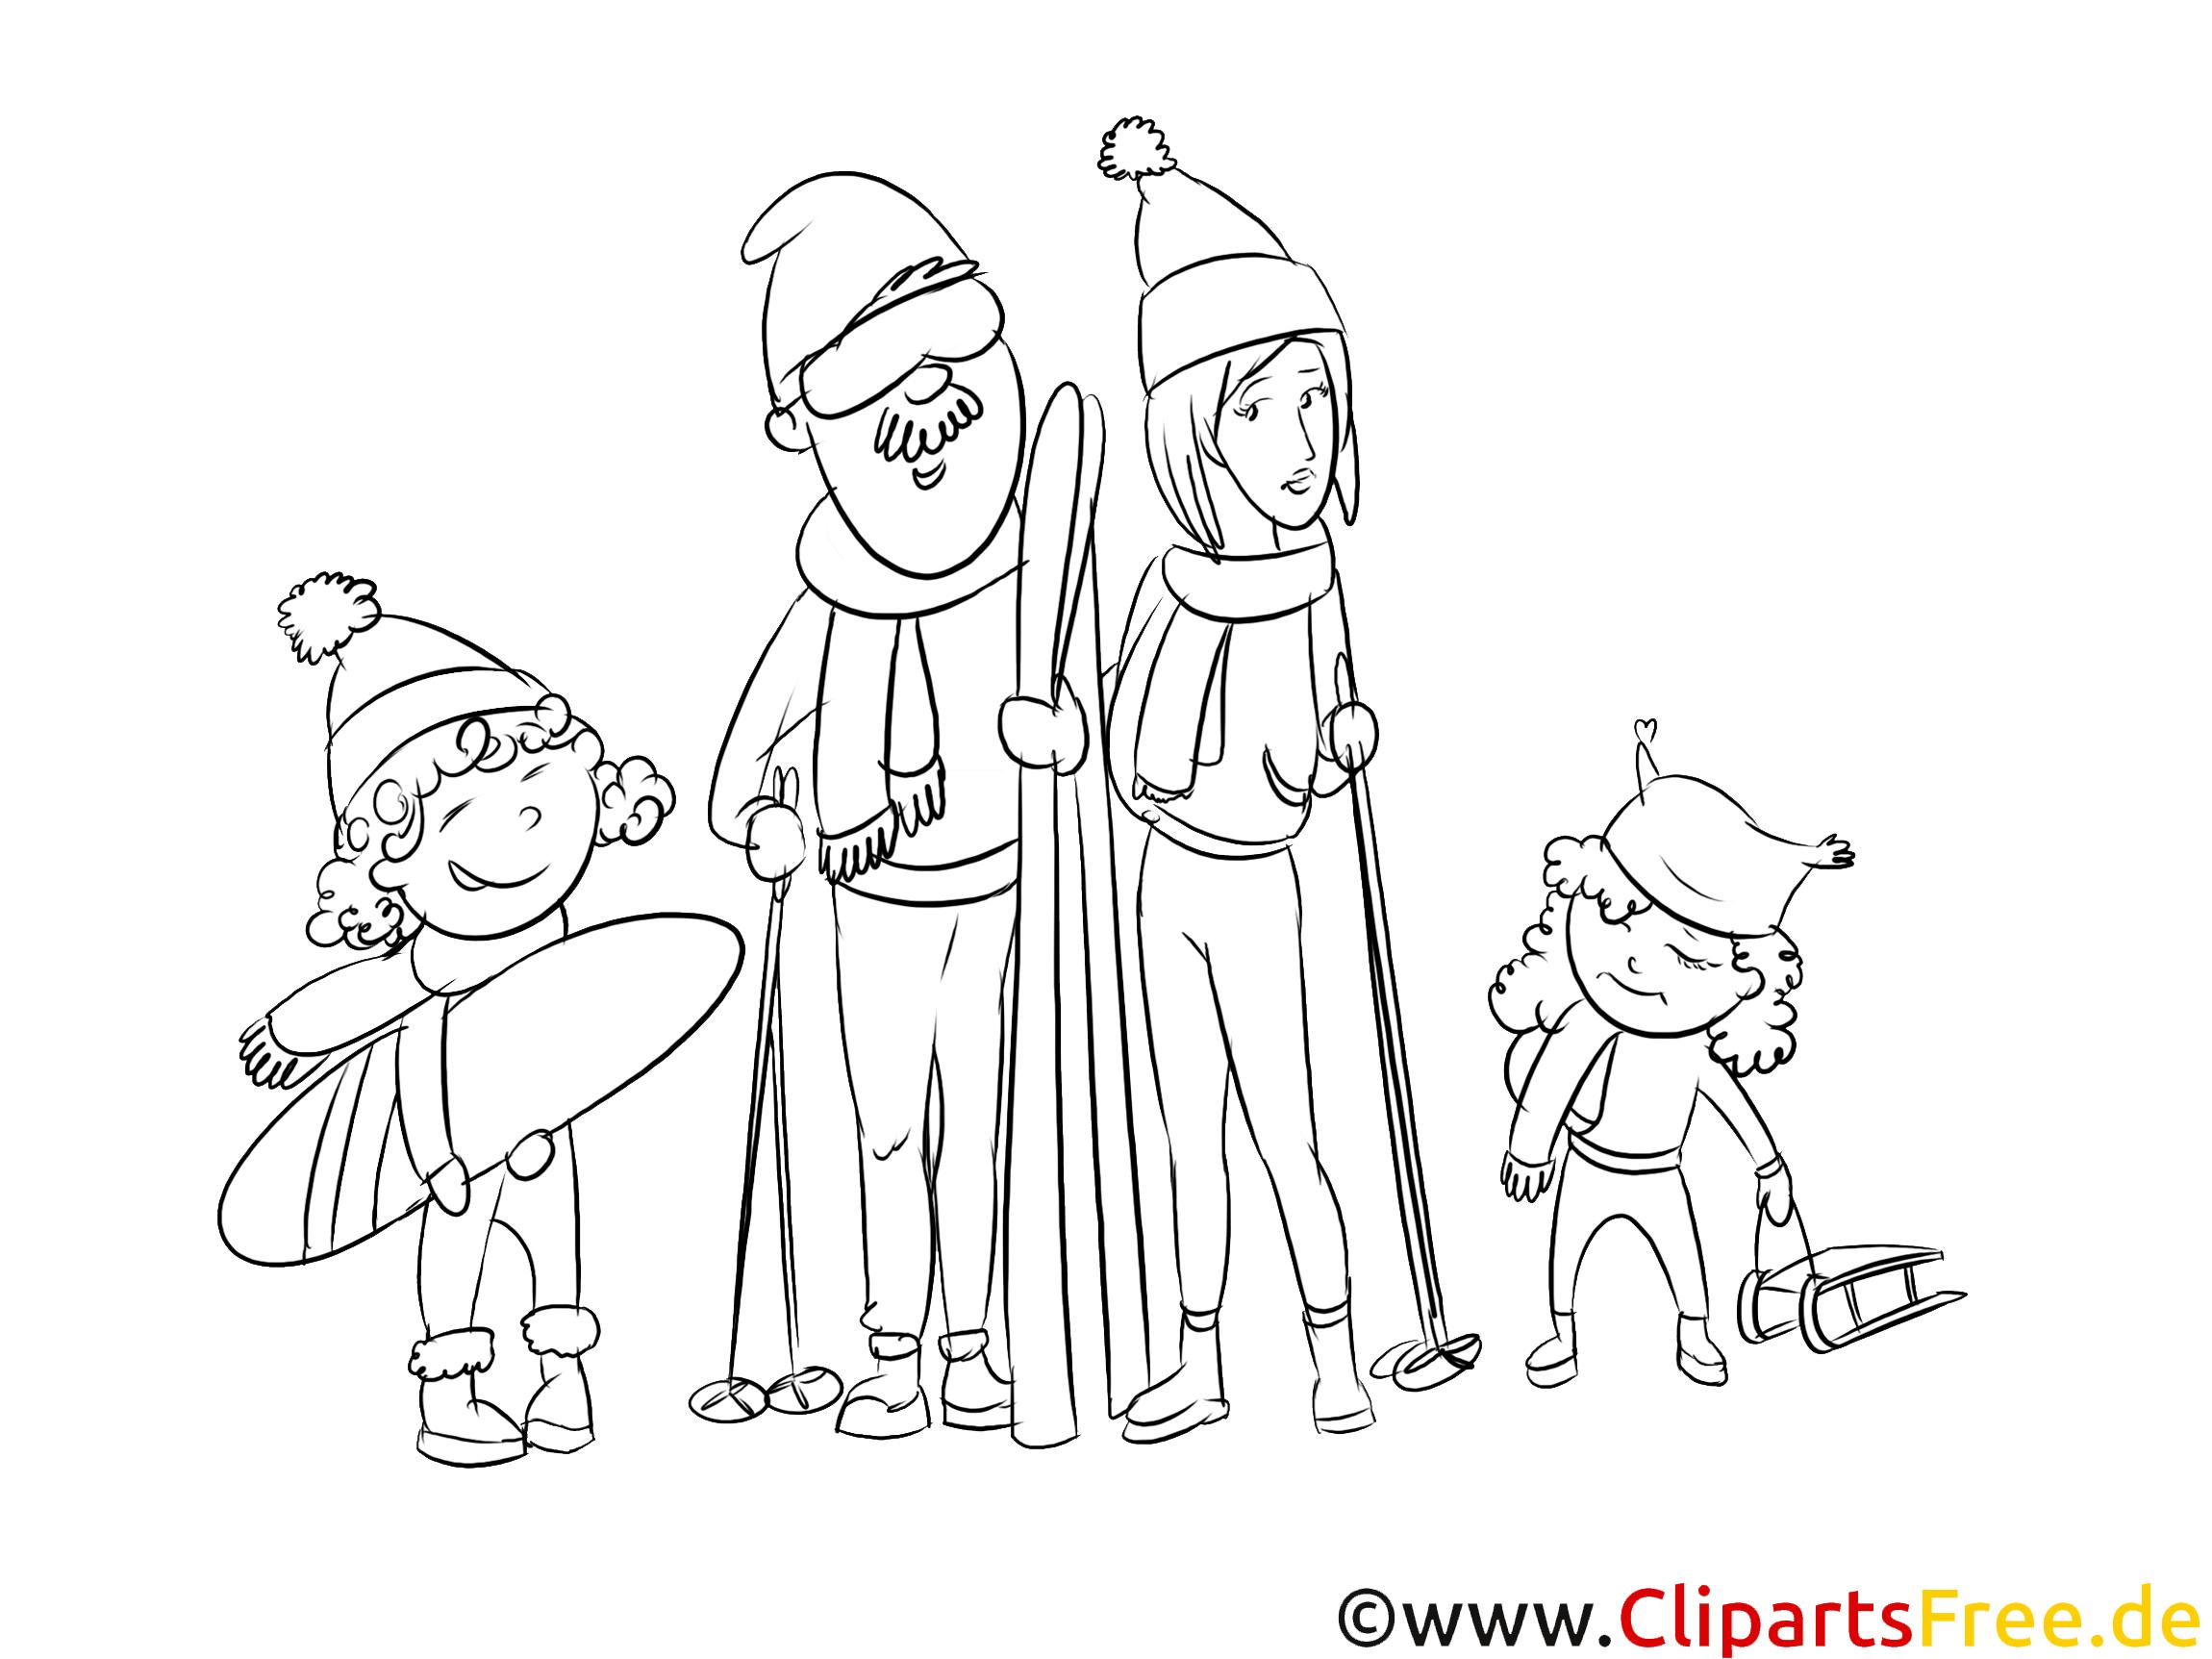 urlaub mit familie illustration schwarzweiß zum drucken